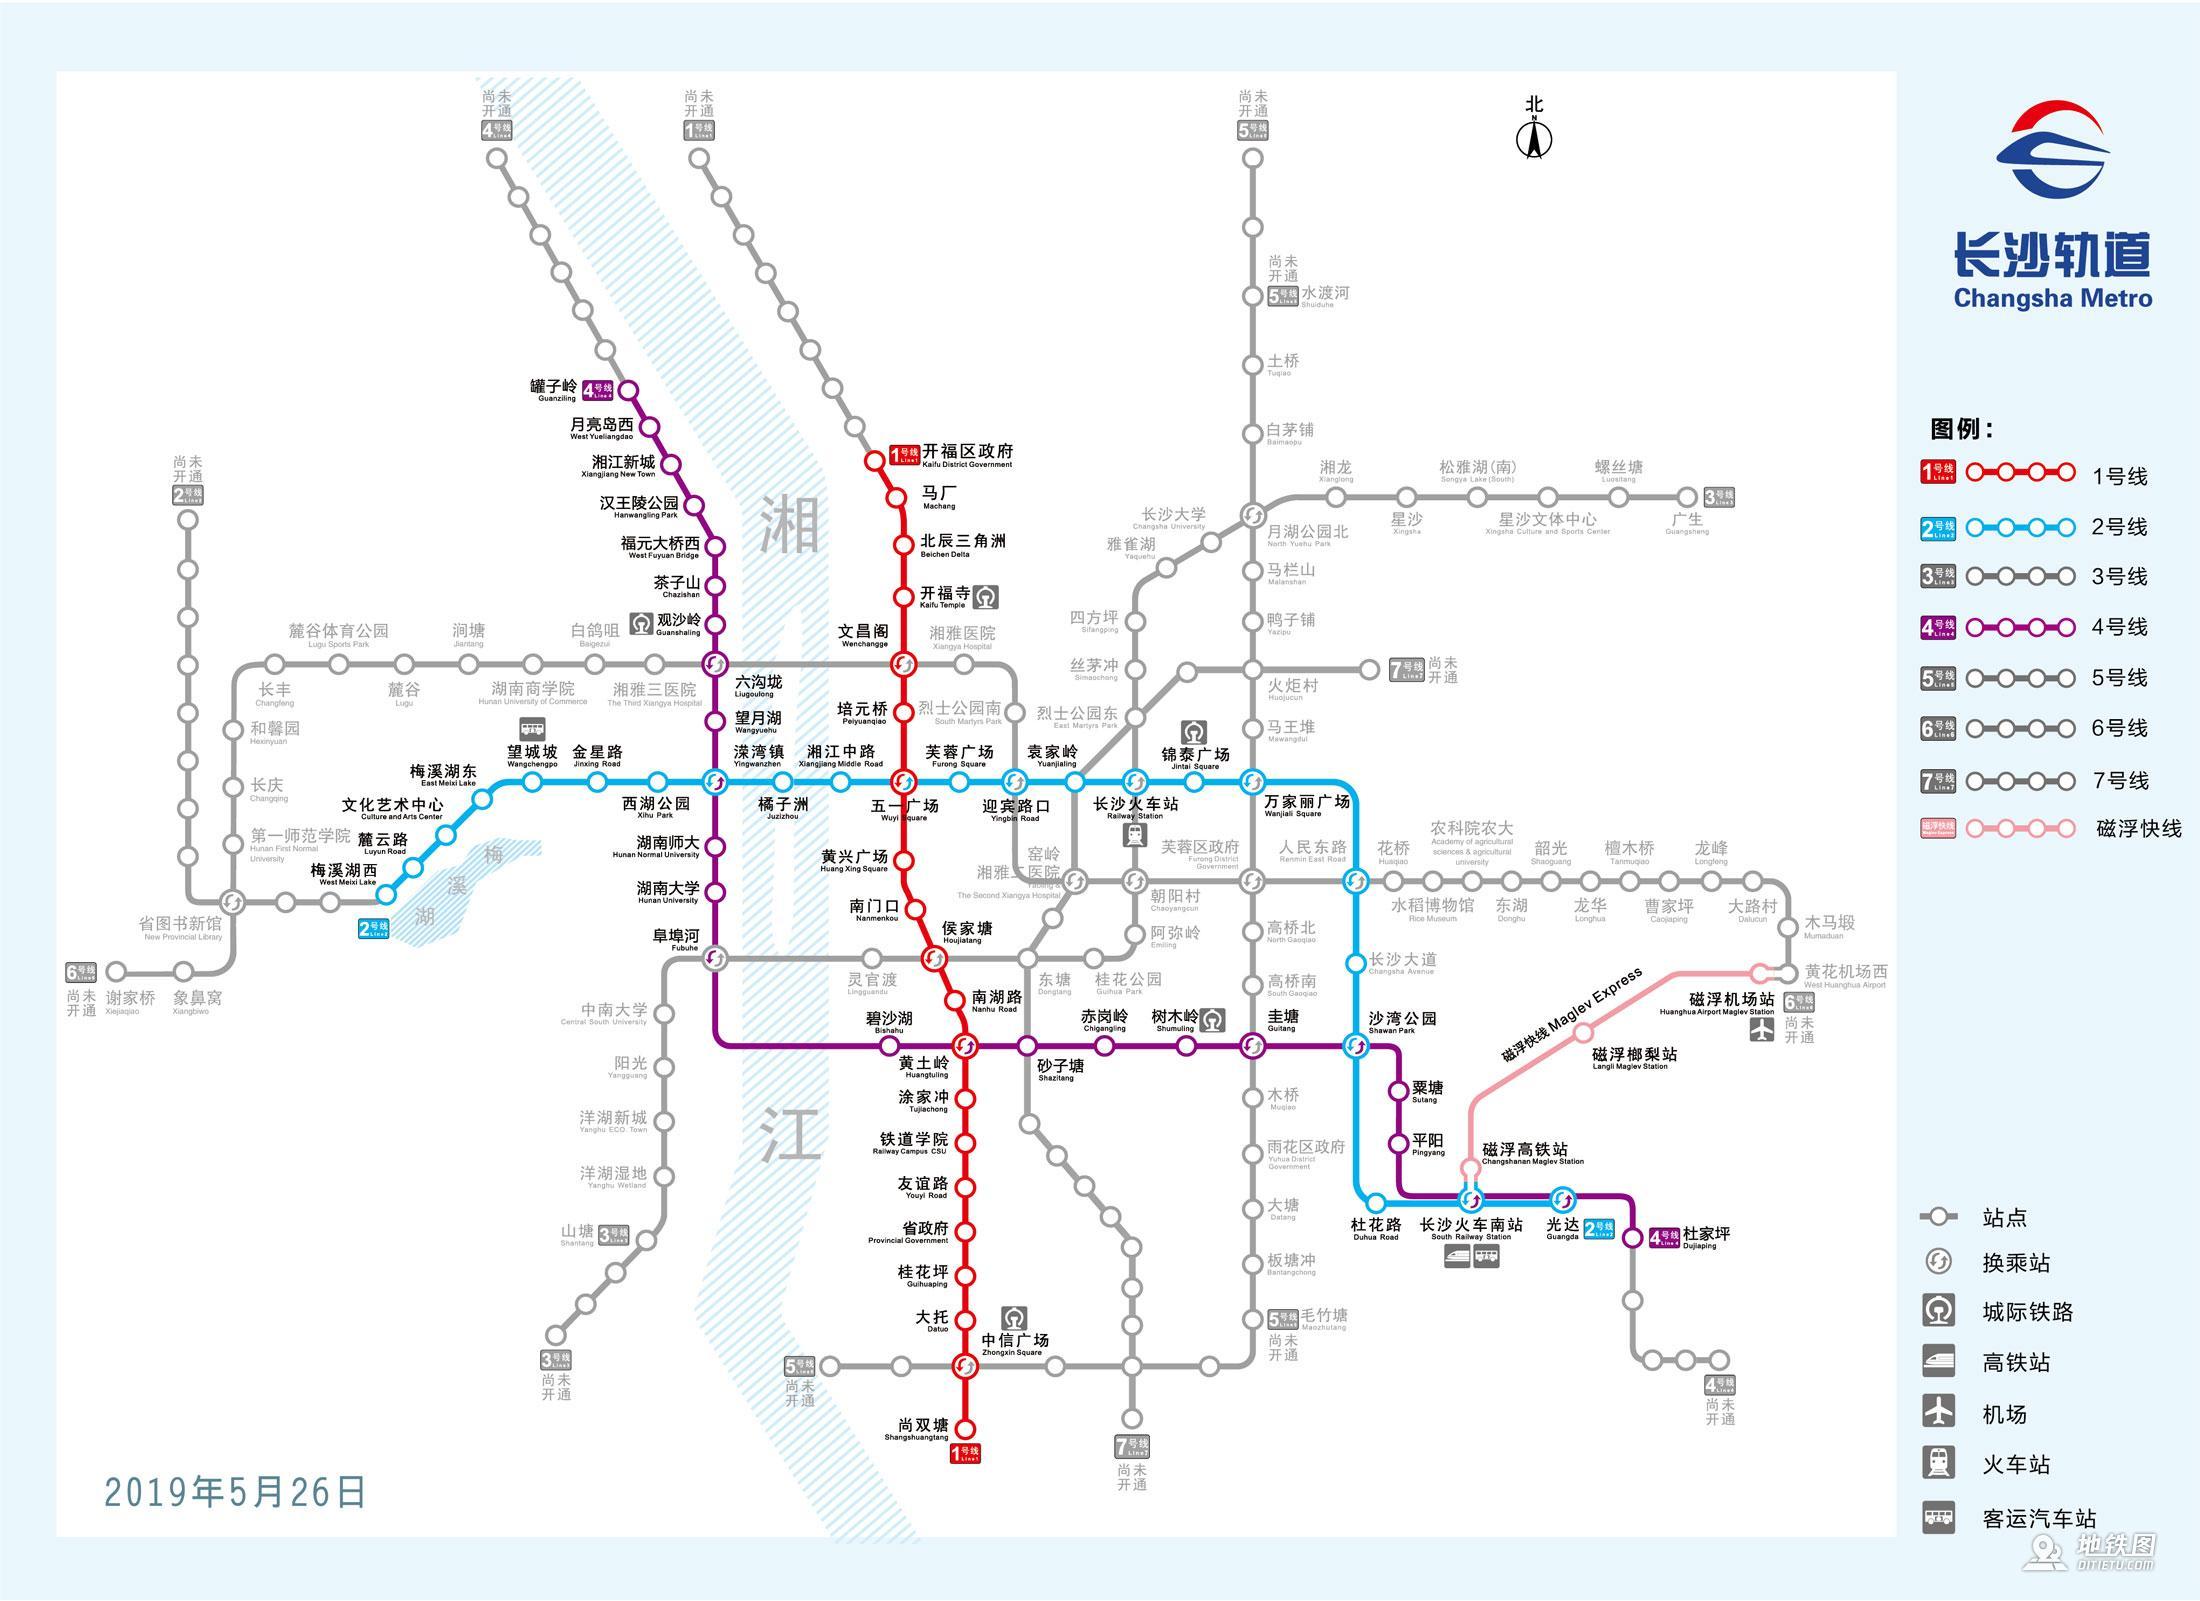 长沙地铁线路图 运营时间票价站点 查询下载 长沙地铁磁悬浮 长沙地铁线路图 长沙地铁票价 长沙地铁运营时间 长沙地铁 长沙地铁线路图  第1张